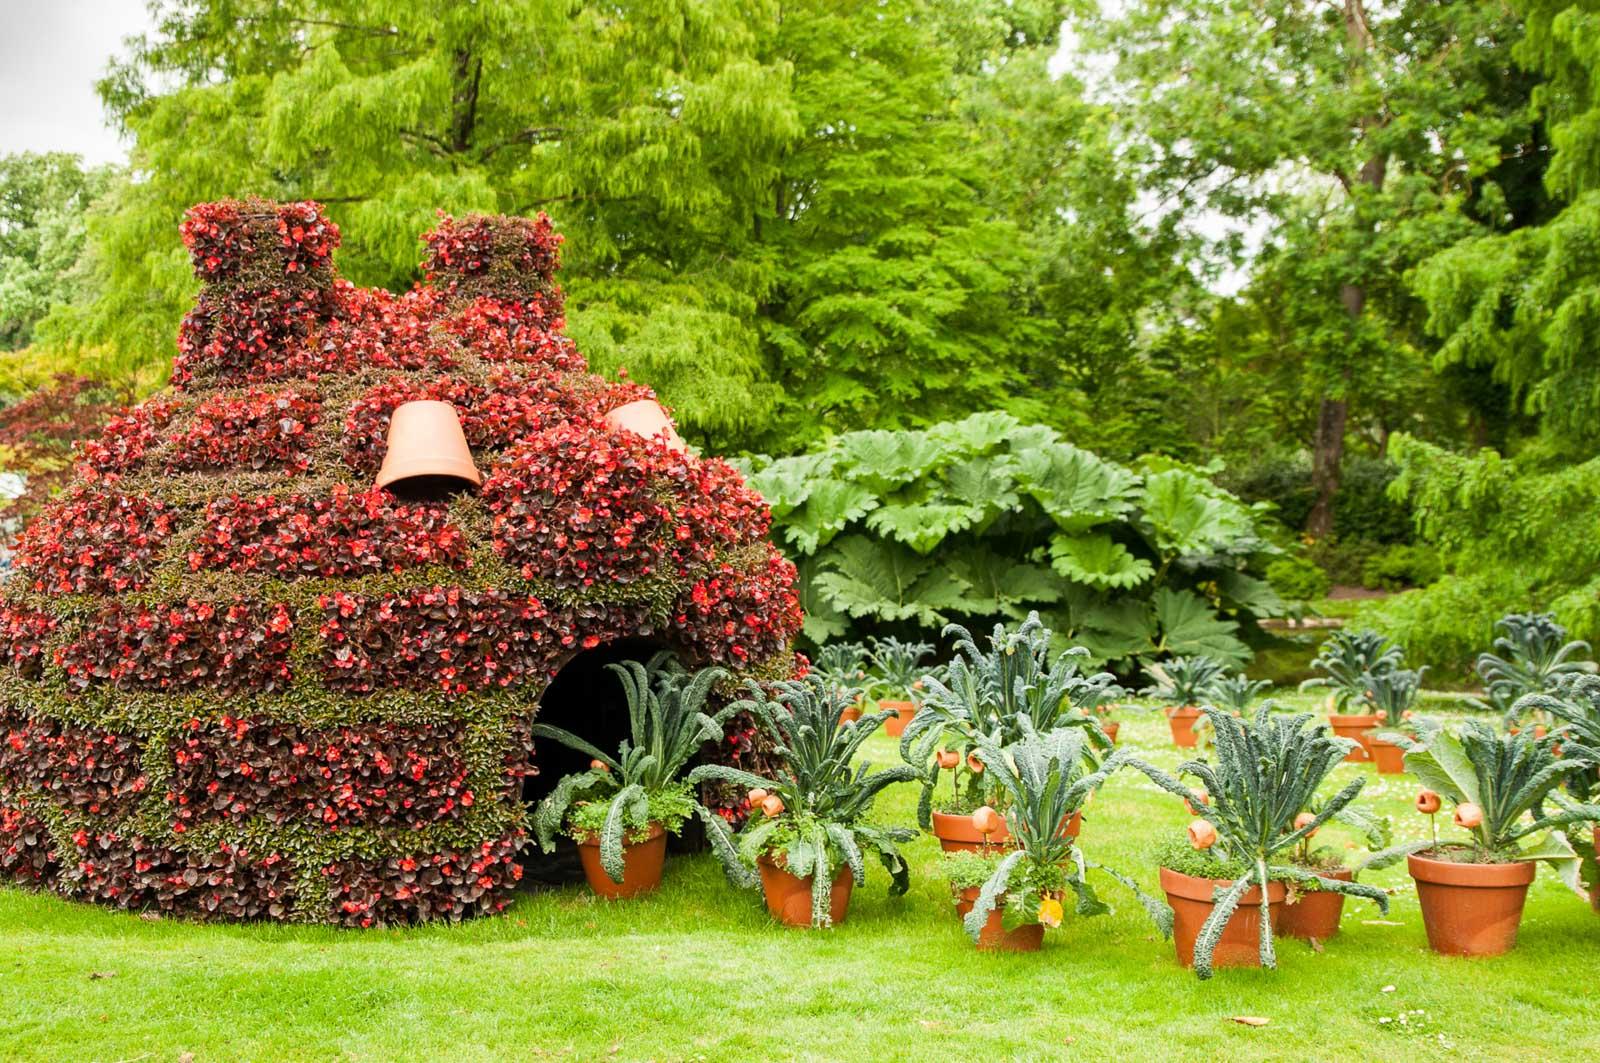 Visiter le jardin des plantes durant un citytrip à Nantes